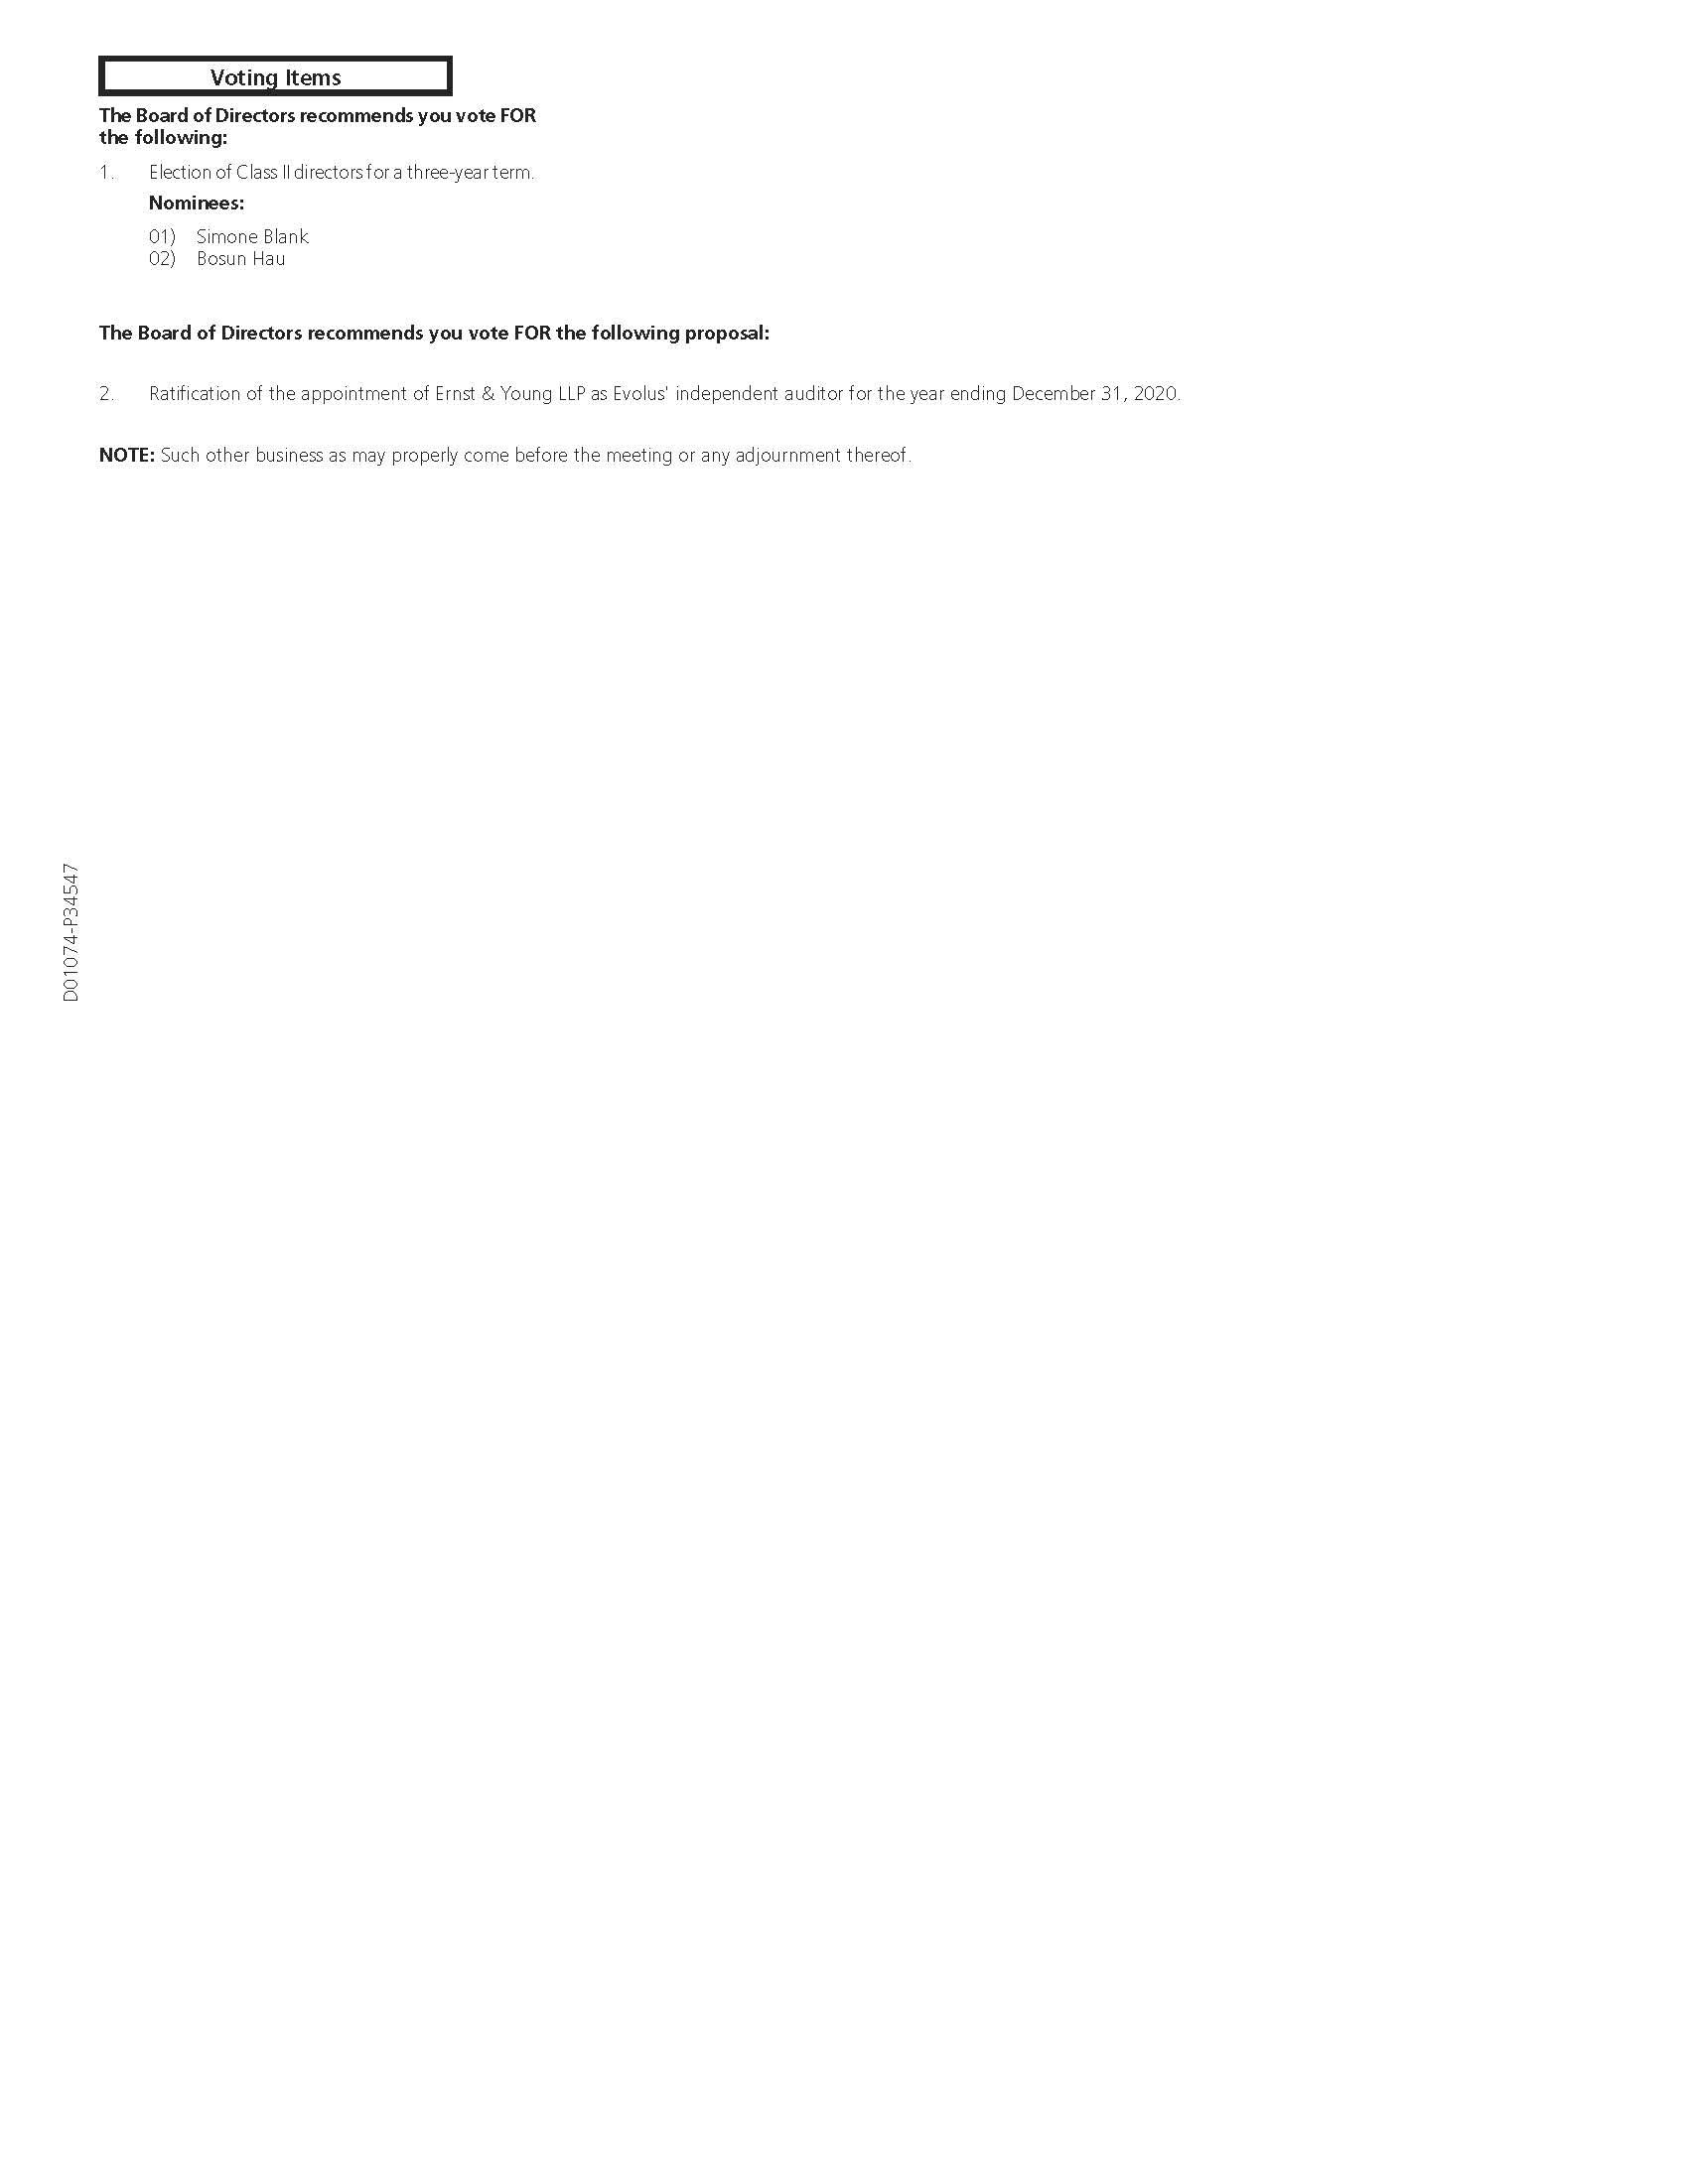 https://cdn.kscope.io/db2819b7e1ddd0c99fd4c70ed2481d1e-eolsnc20203.jpg